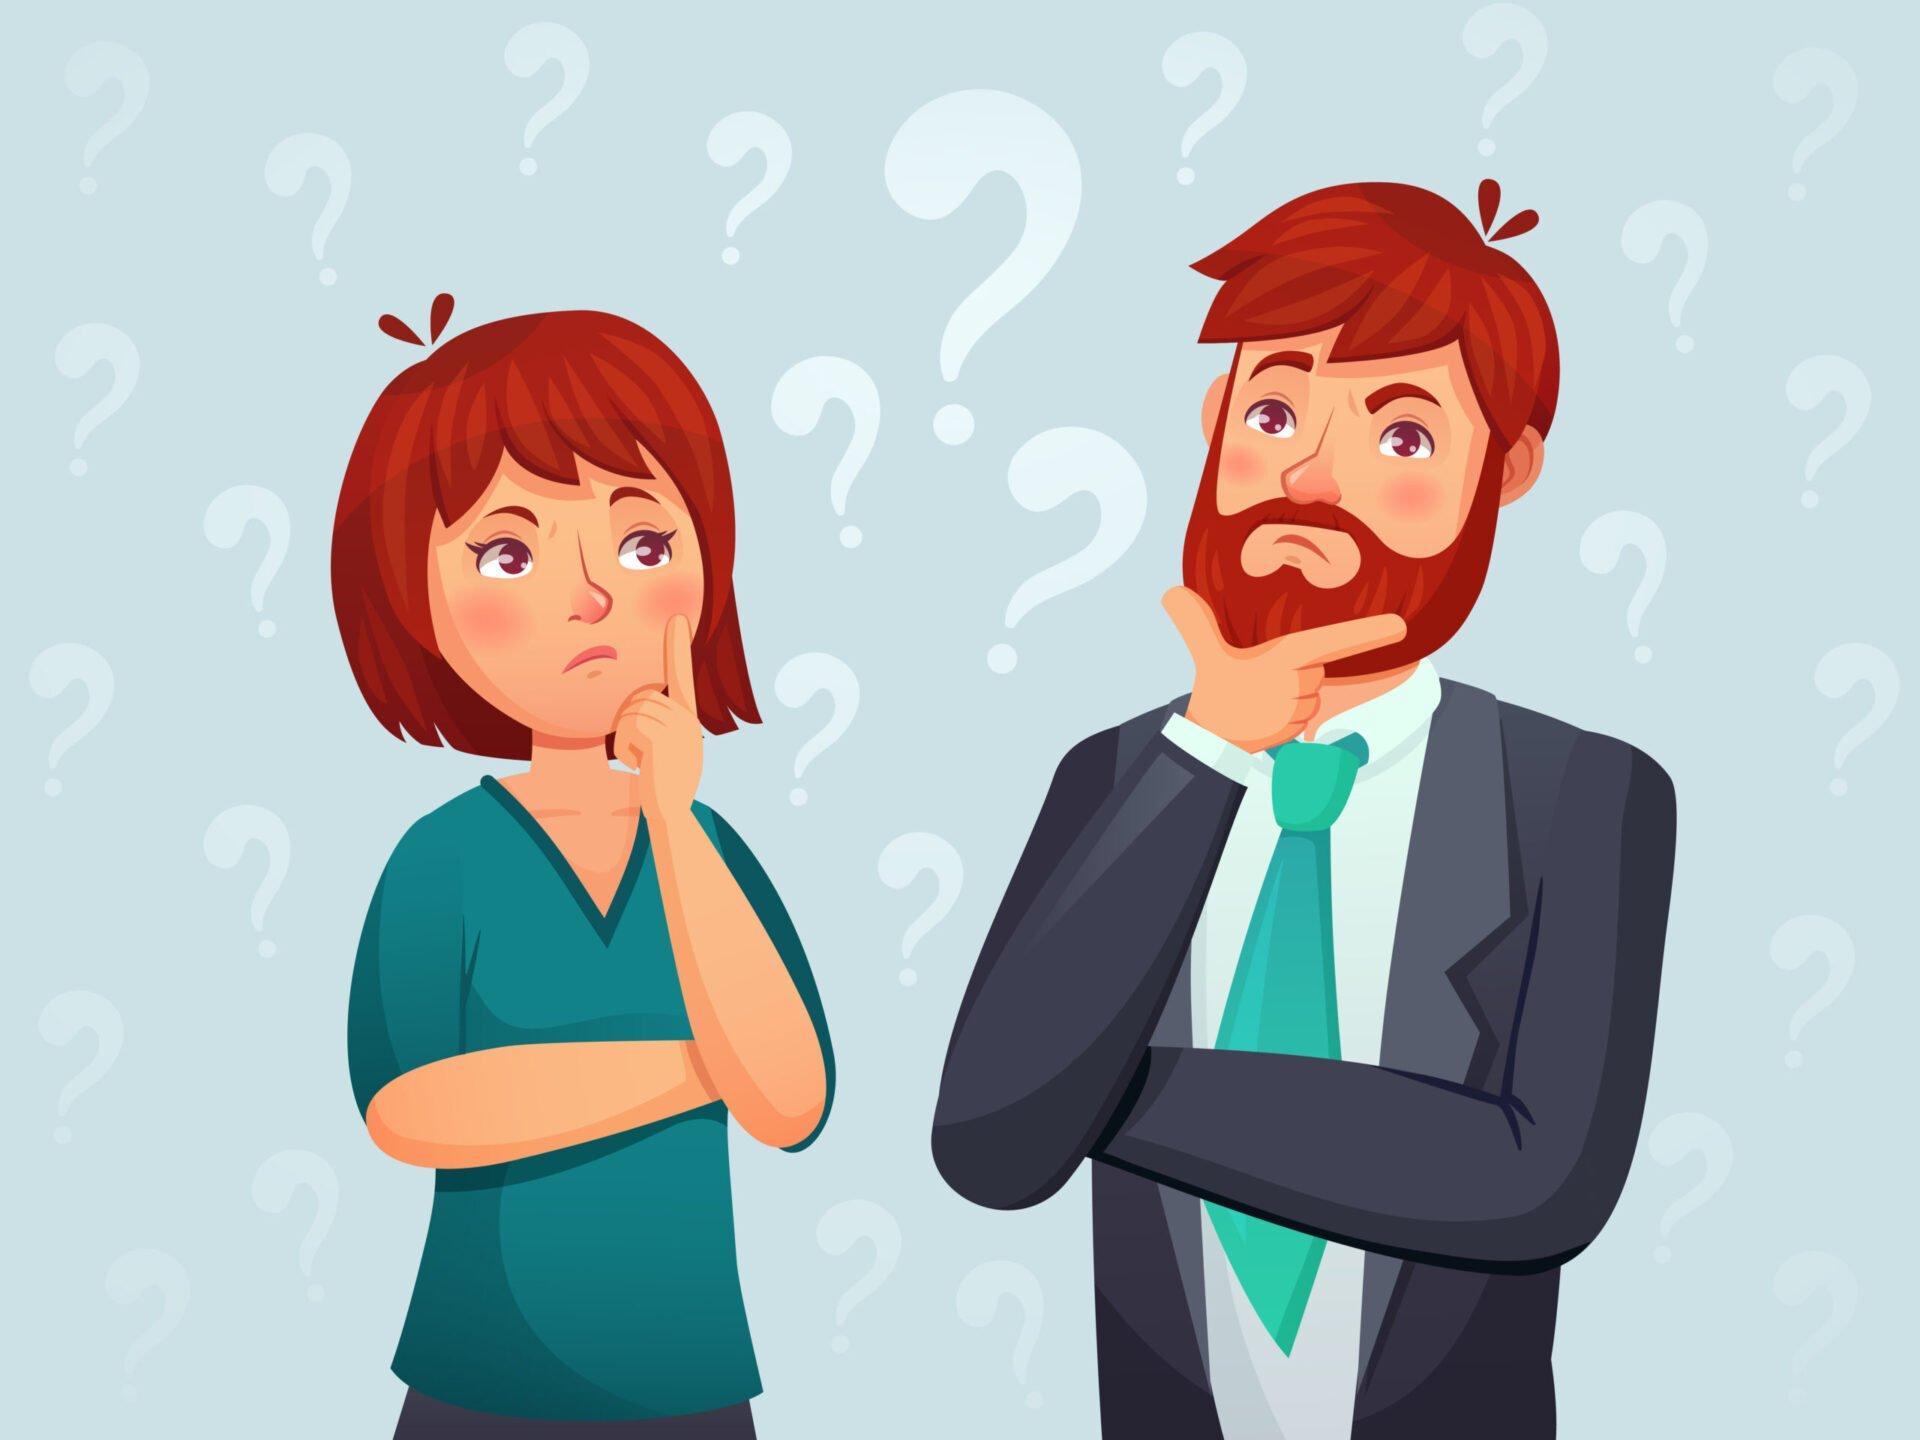 bărbat și femeie care au probleme cu memoria